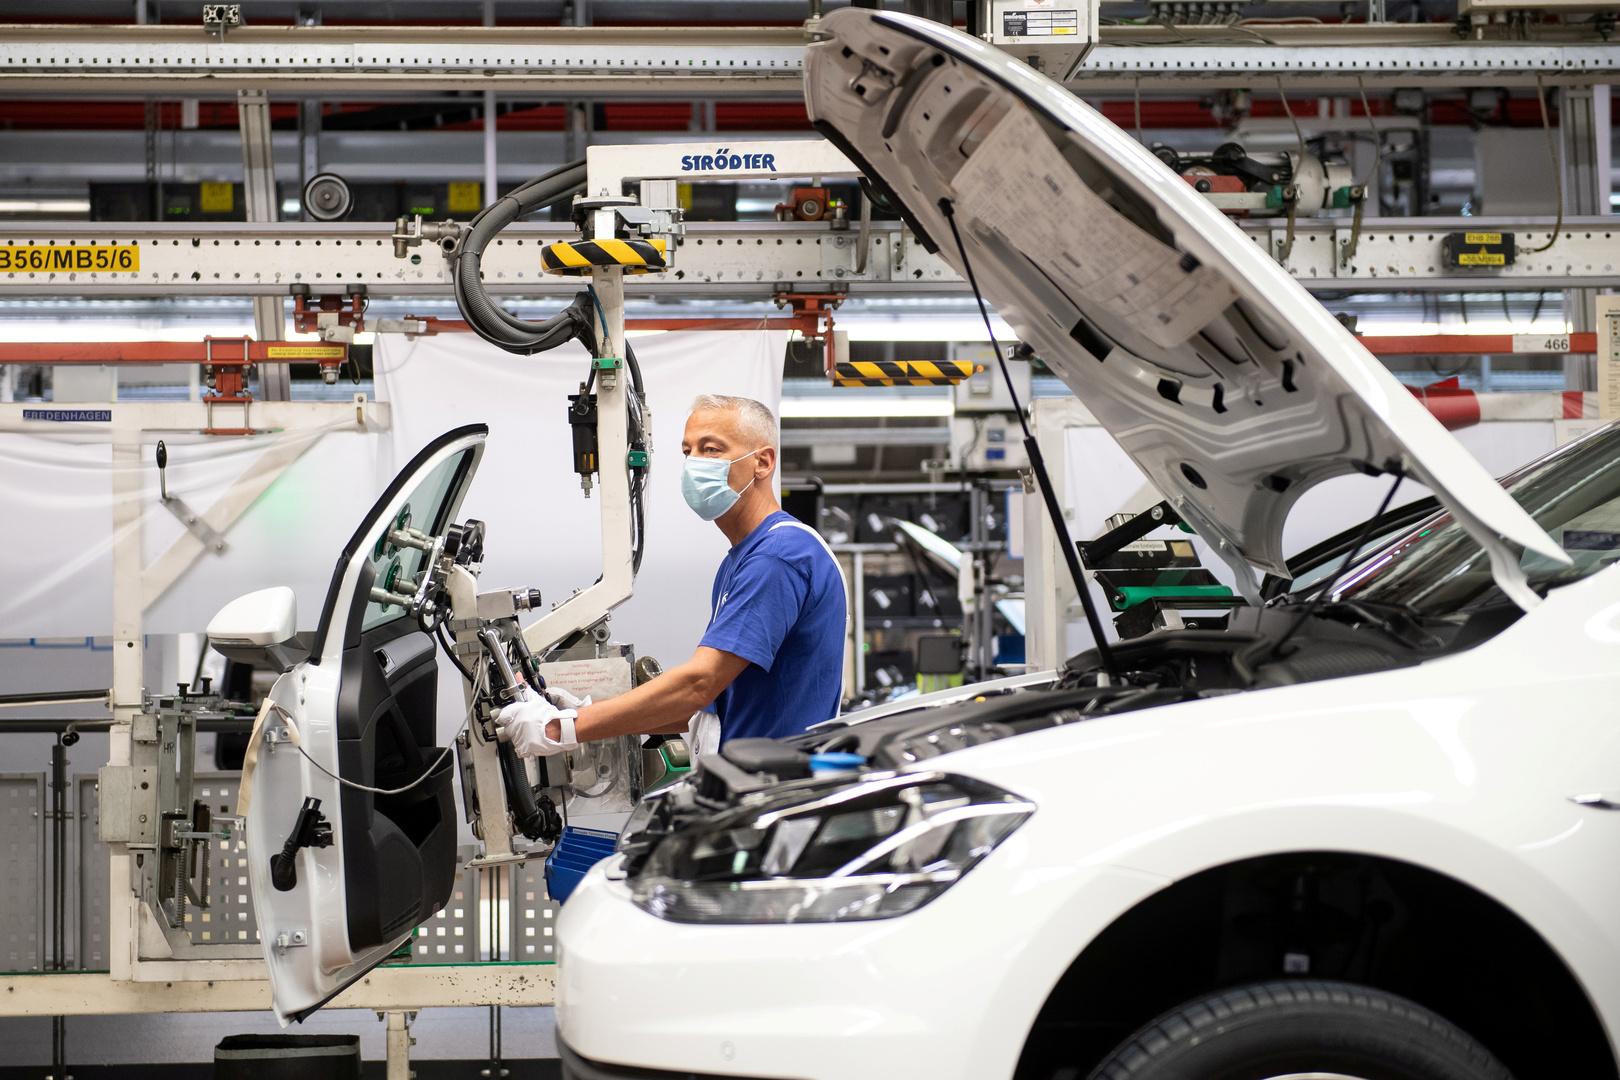 أوروبا.. هبوط الإنتاج الصناعي بـ11.3% جراء تدابير كورونا